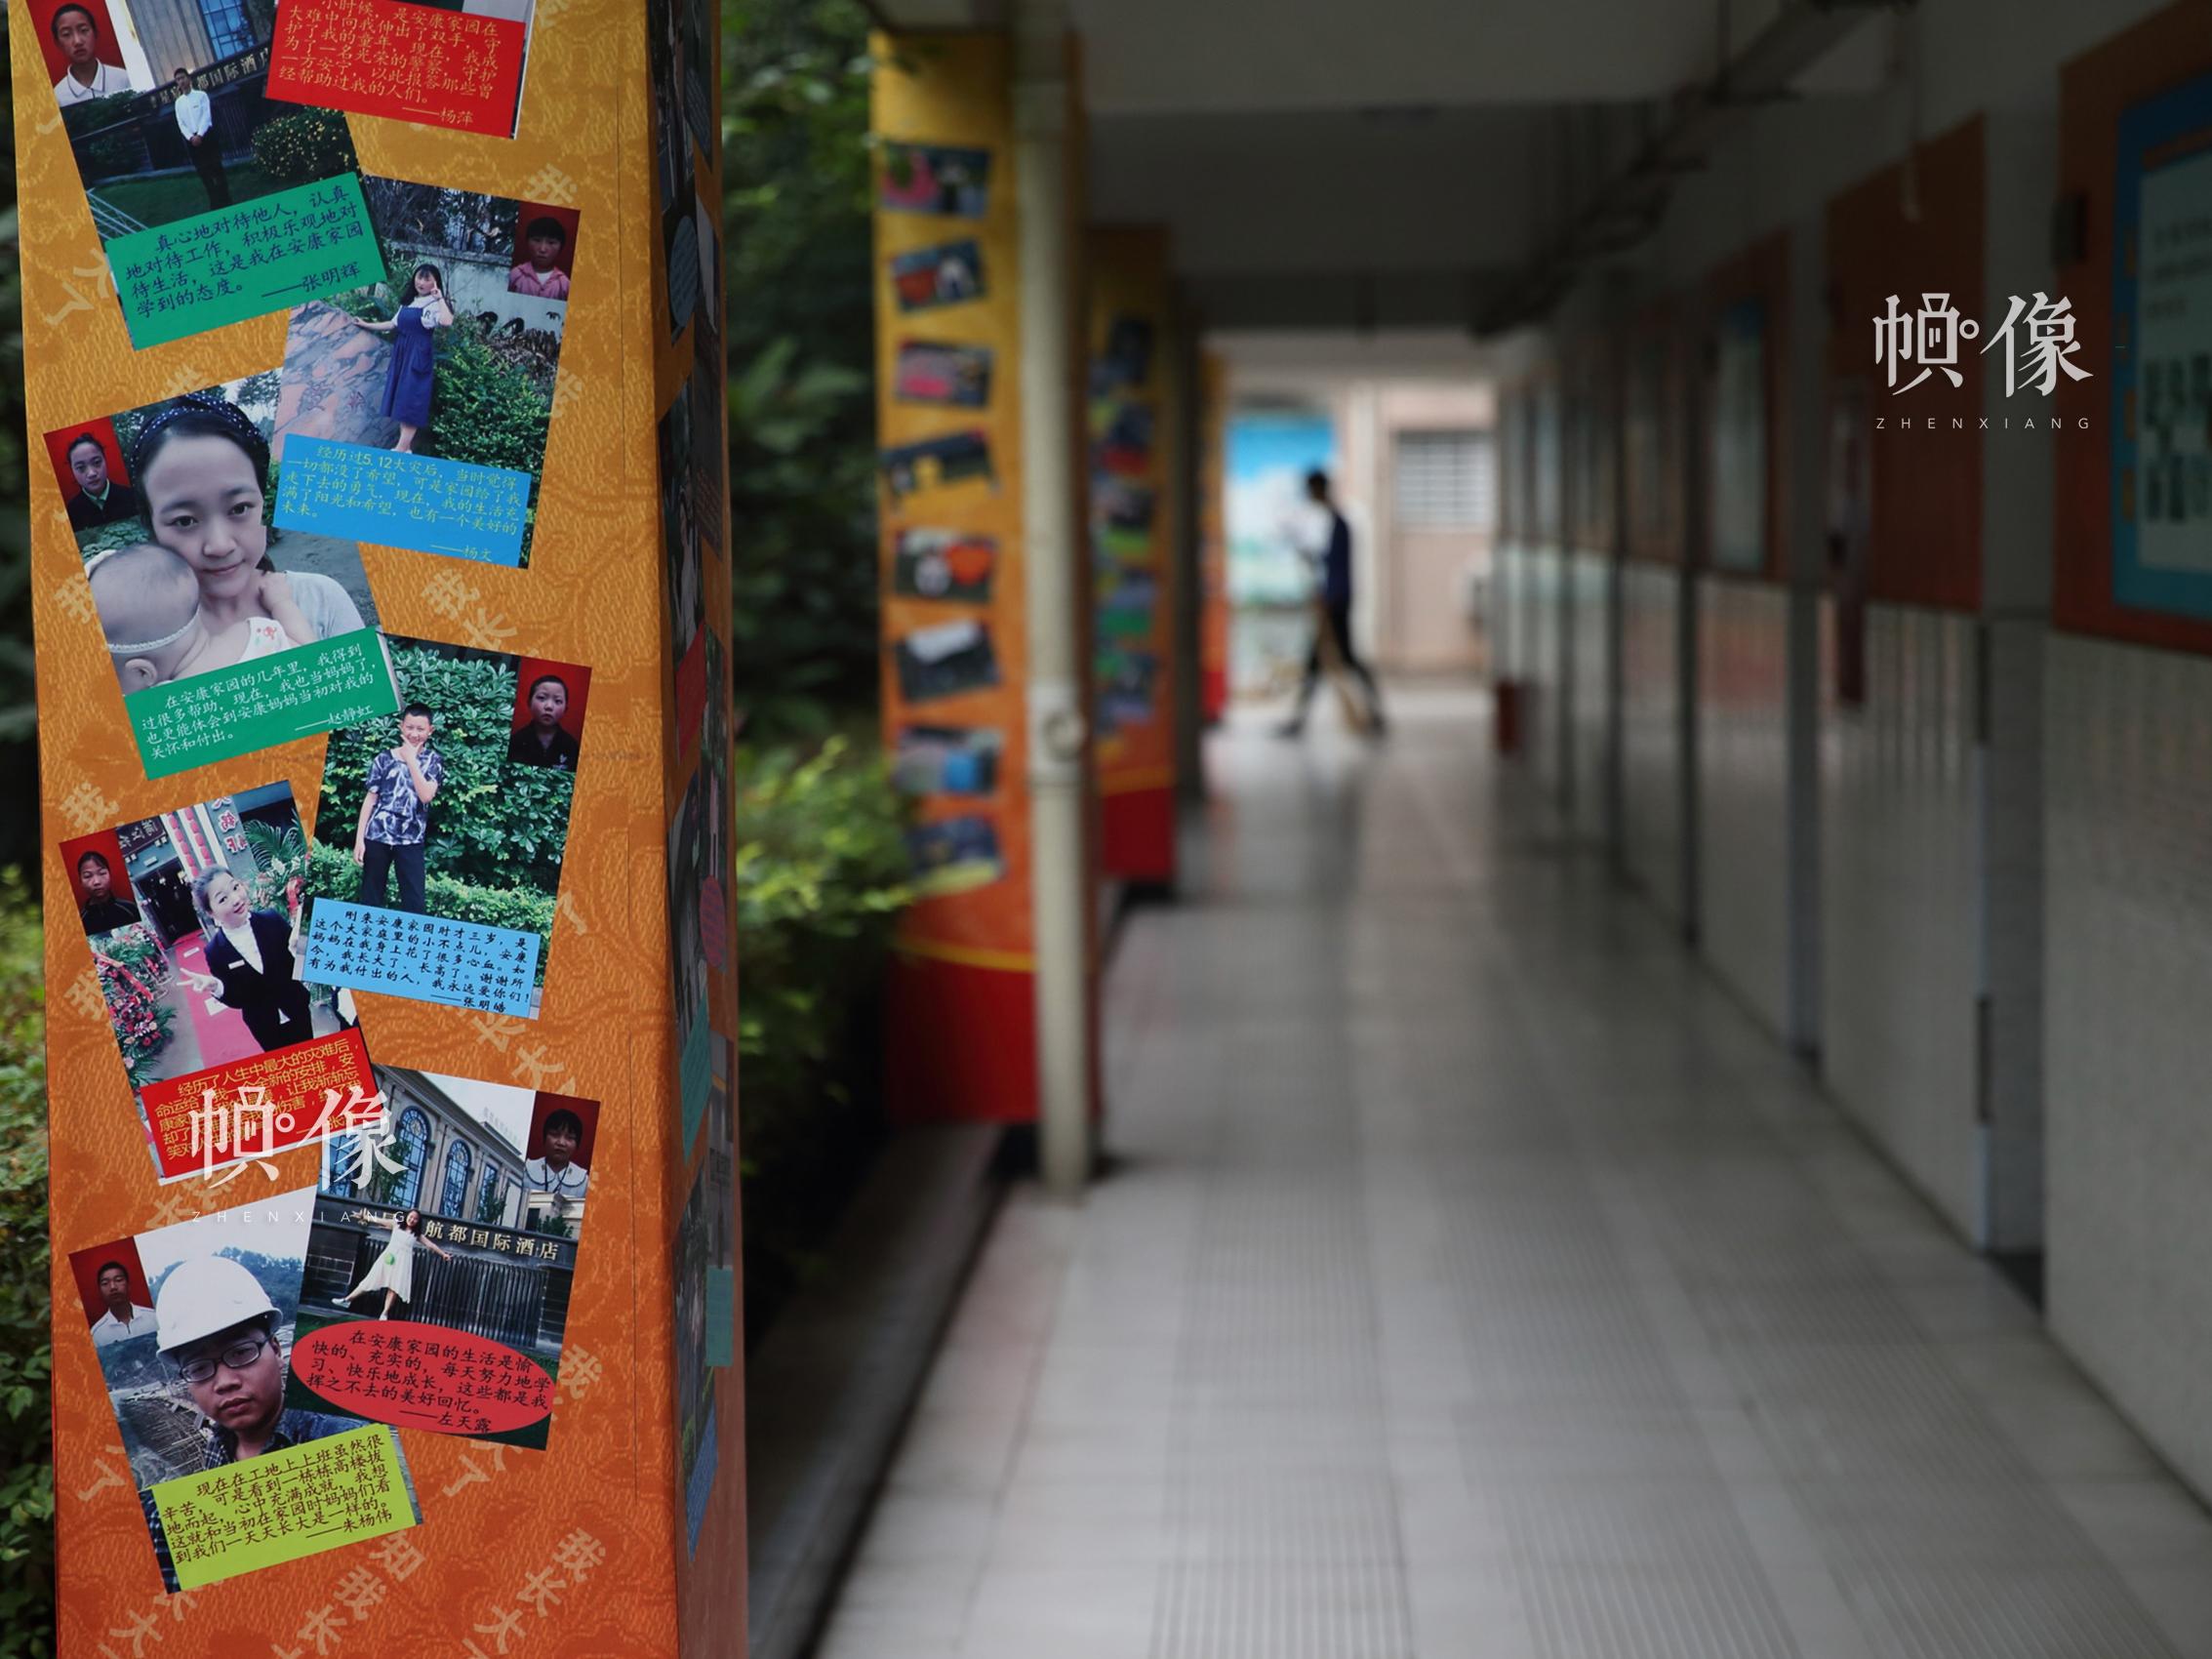 2018年4月,成都双流安康家园,走廊上贴满孩子们今昔对比照的文化柱。中国网记者 陈维松 摄